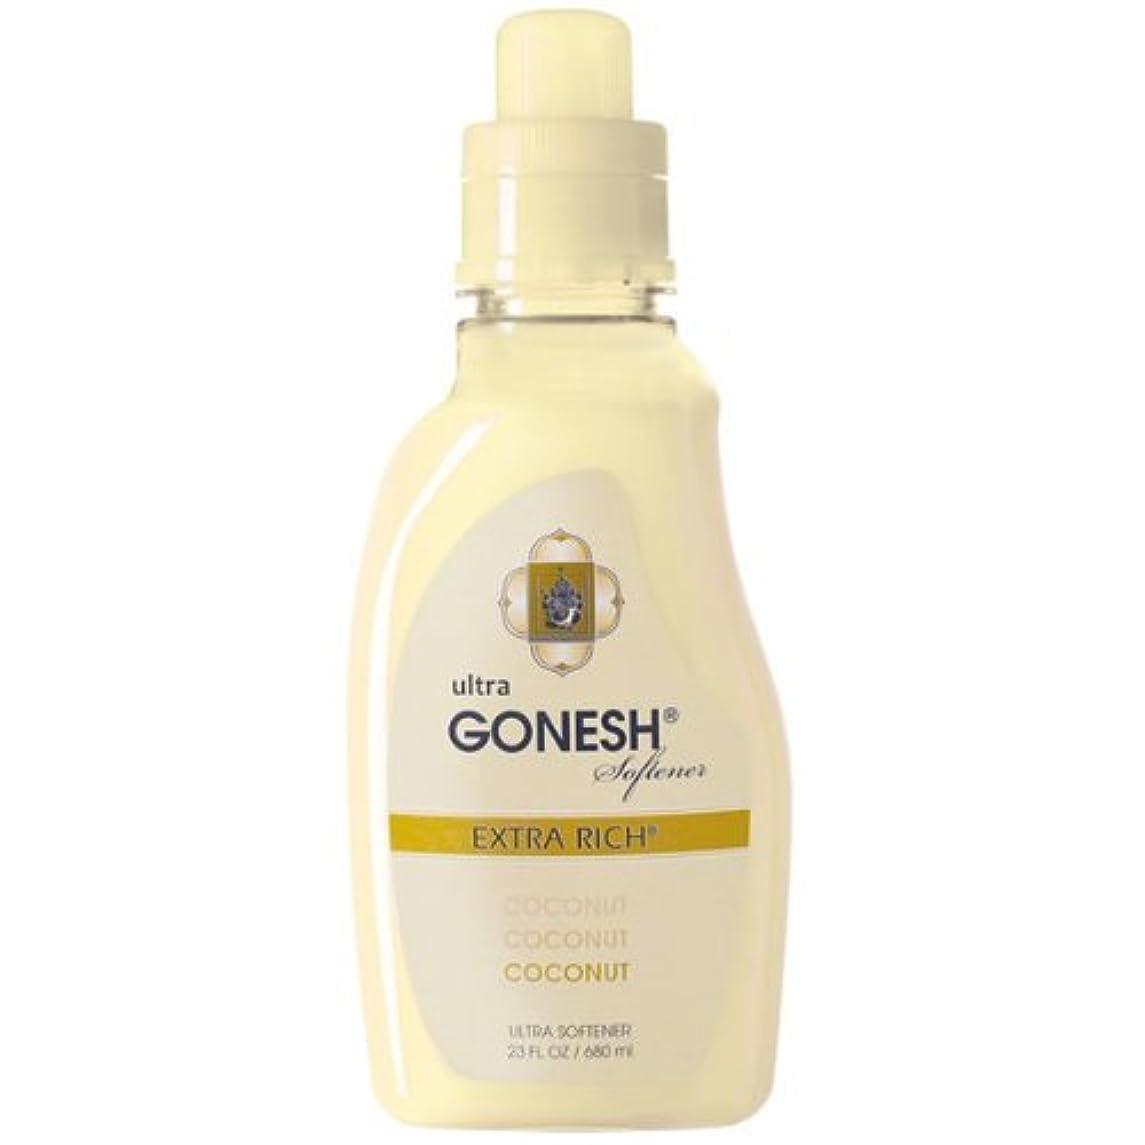 複数スカイラフ睡眠GONESH(ガーネッシュ) ウルトラソフナー ココナッツ 680ml 柔軟剤 (ココナッツの香り)